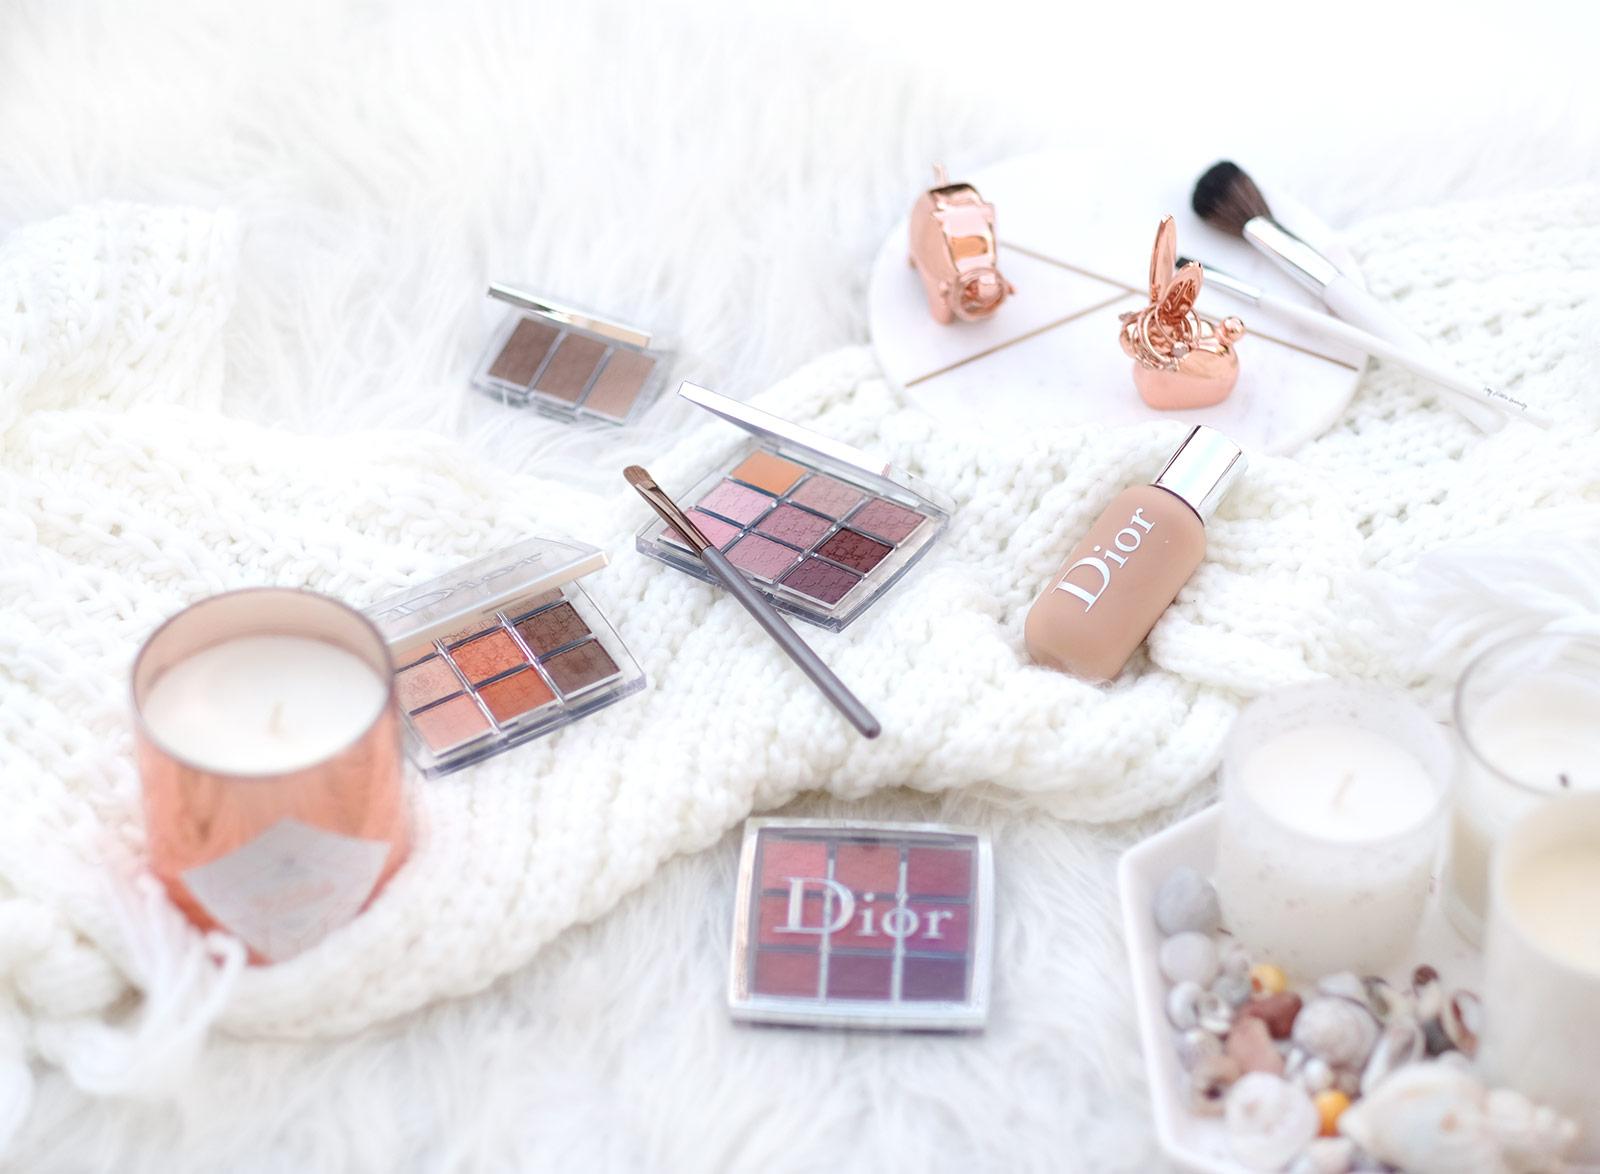 Dior Backstage make-up